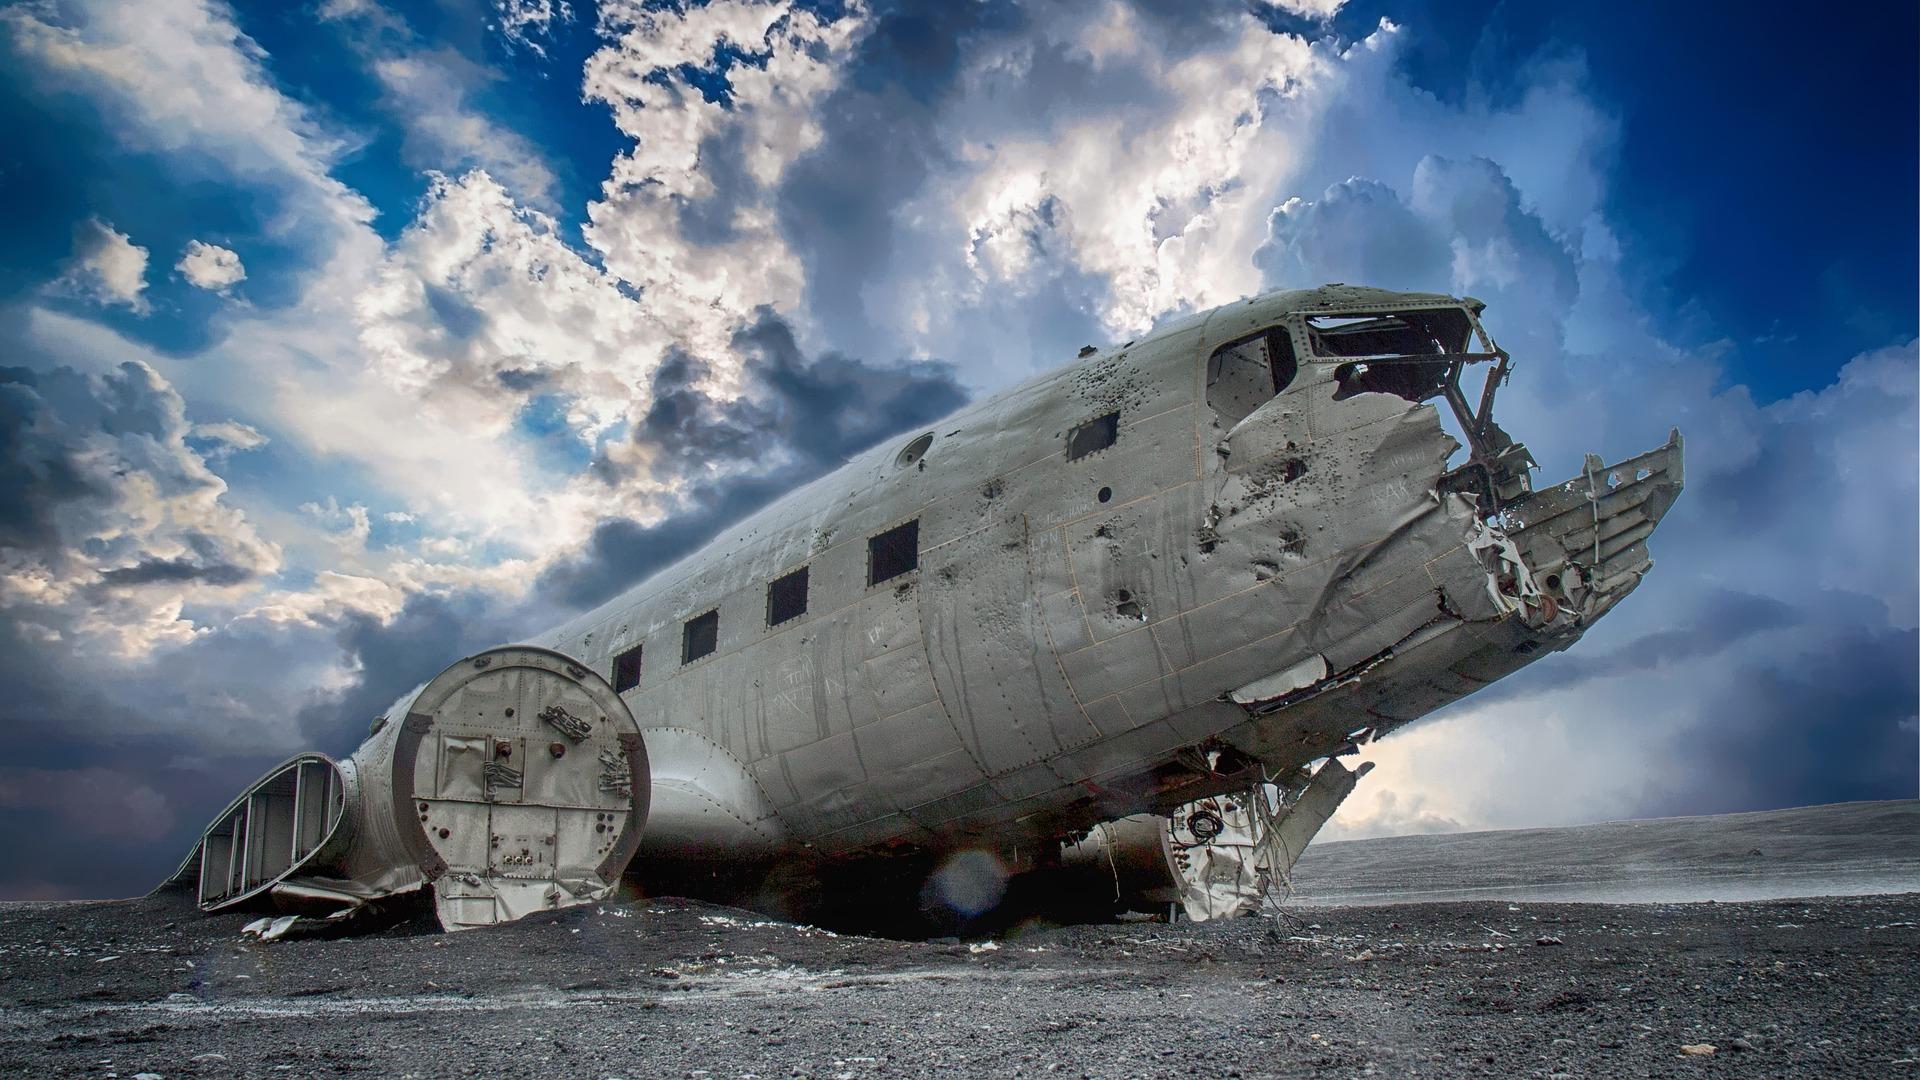 L'épave de l'avion DC est un site célèbre situé dans le désert de sable noir de Solheimasandur, dans le sud de l'Islande.